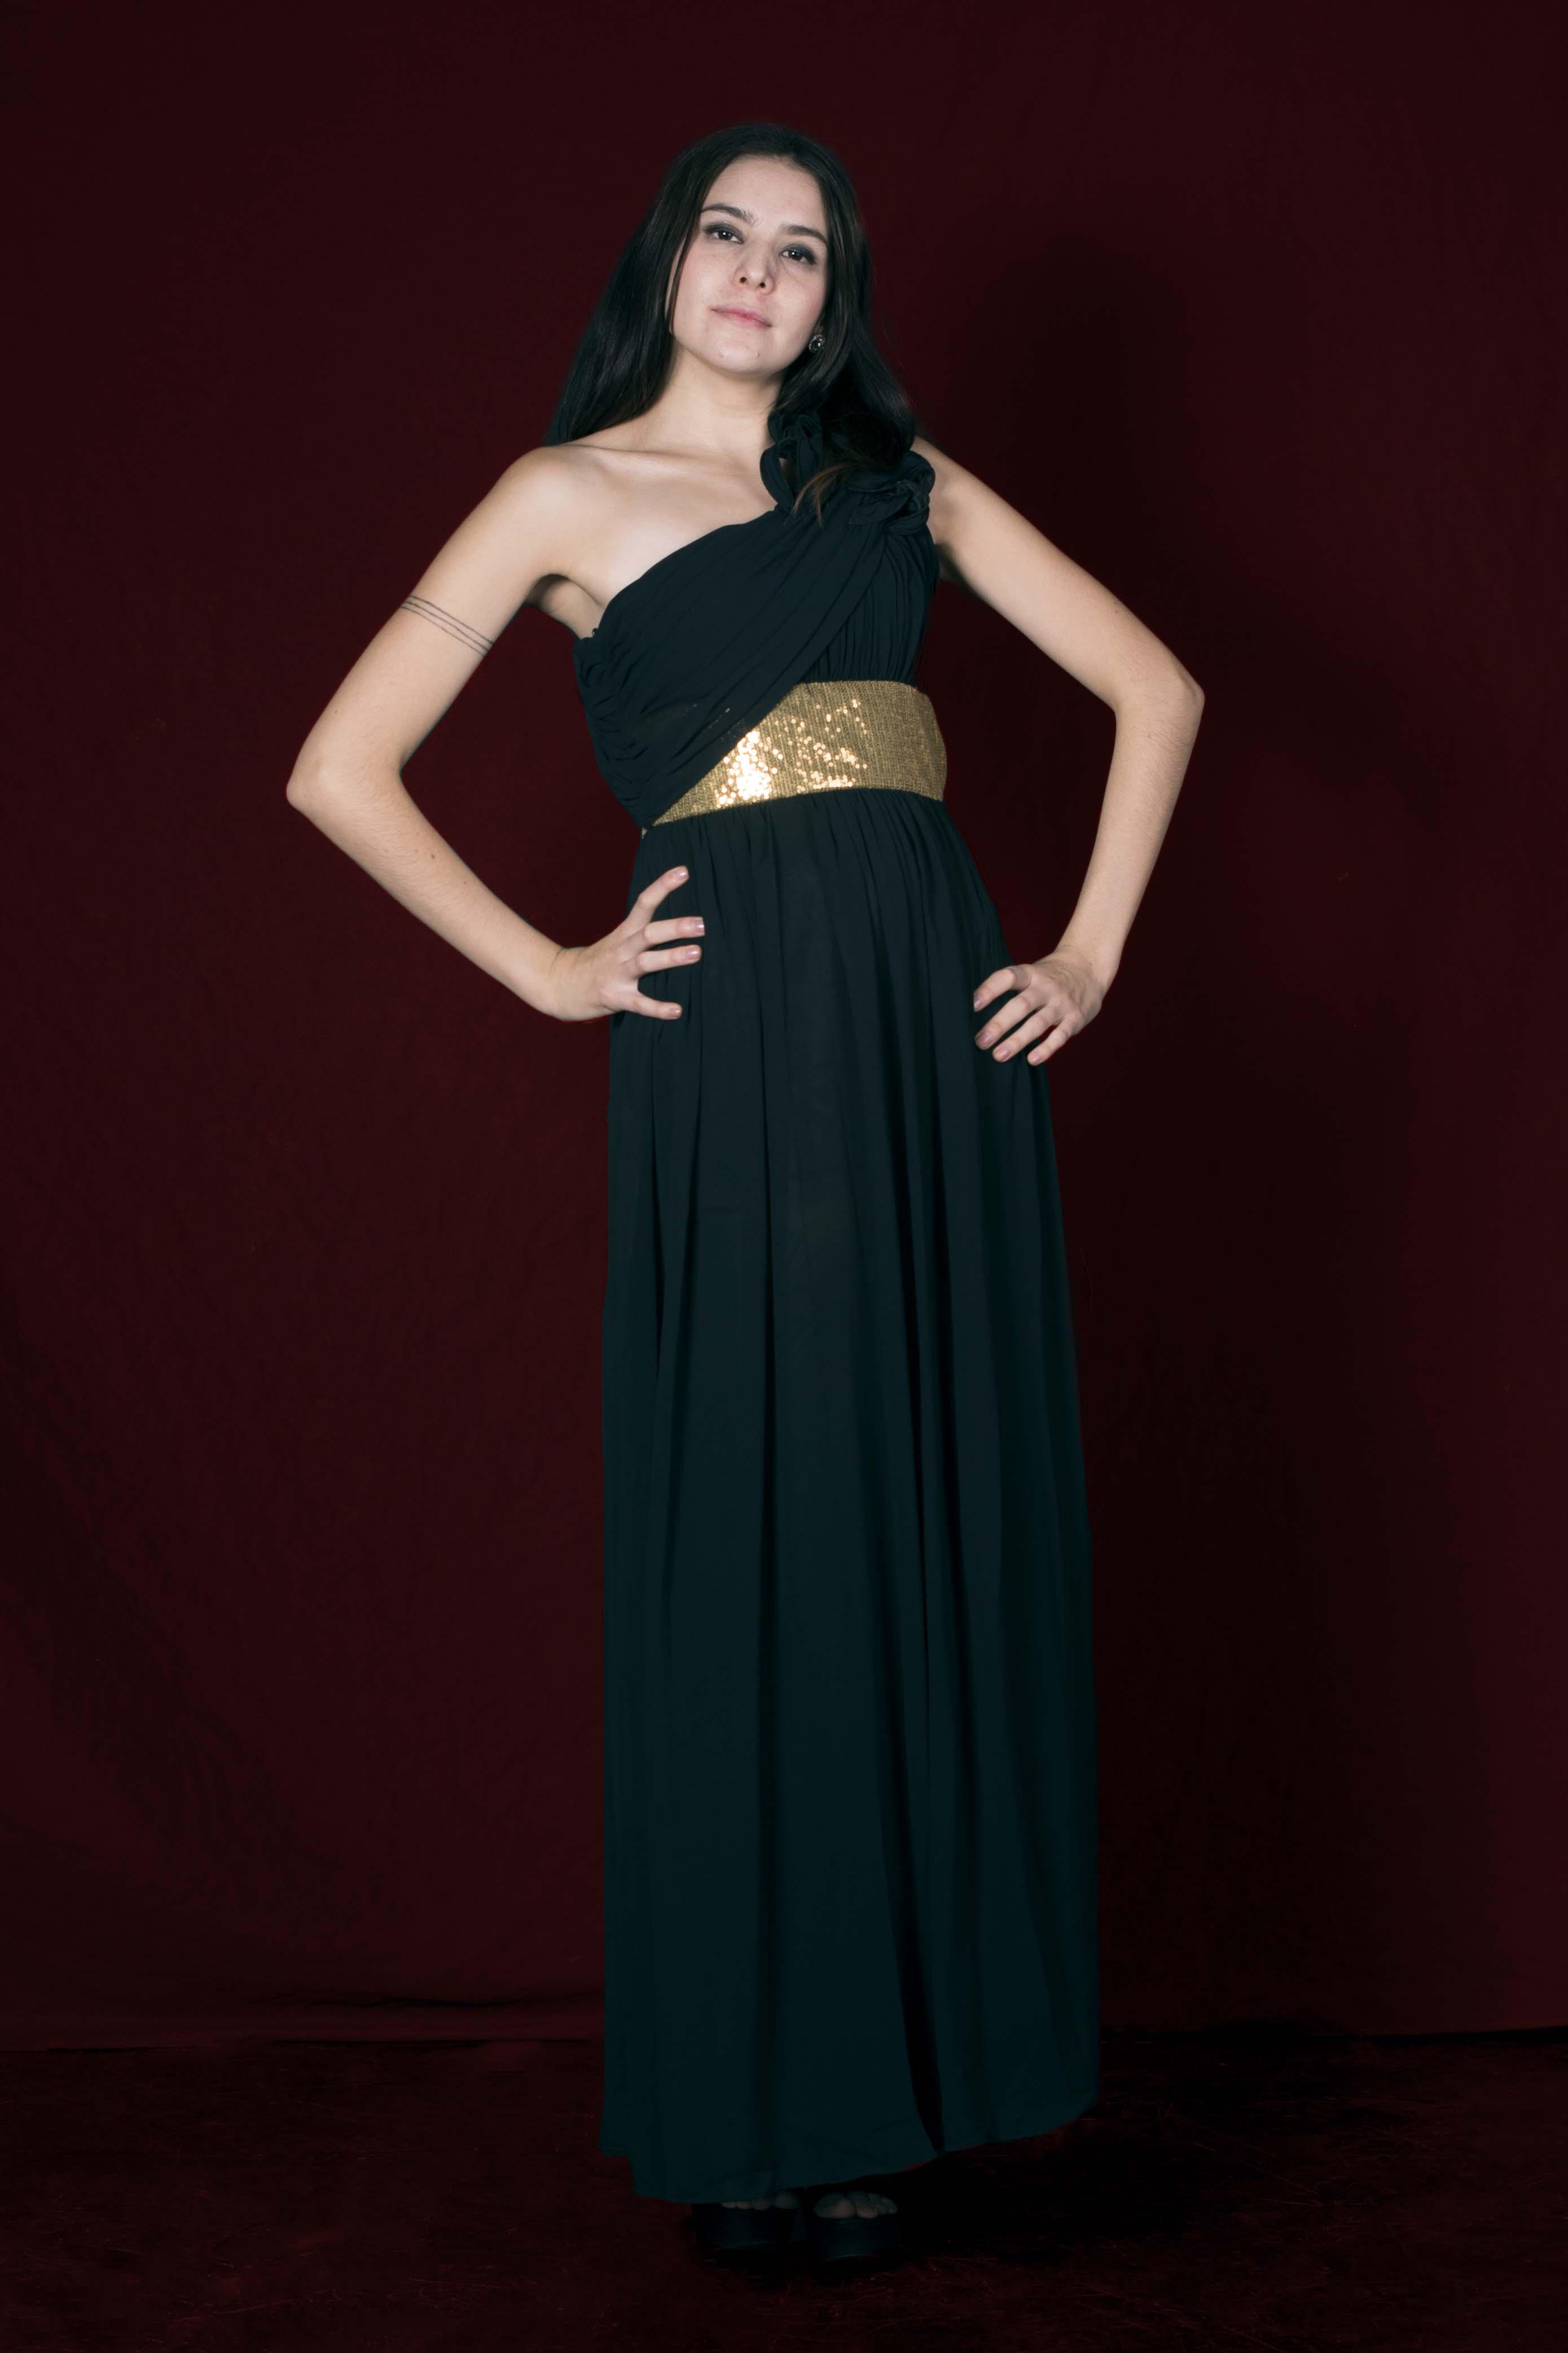 Vestido Athens con Cinturón Dorado